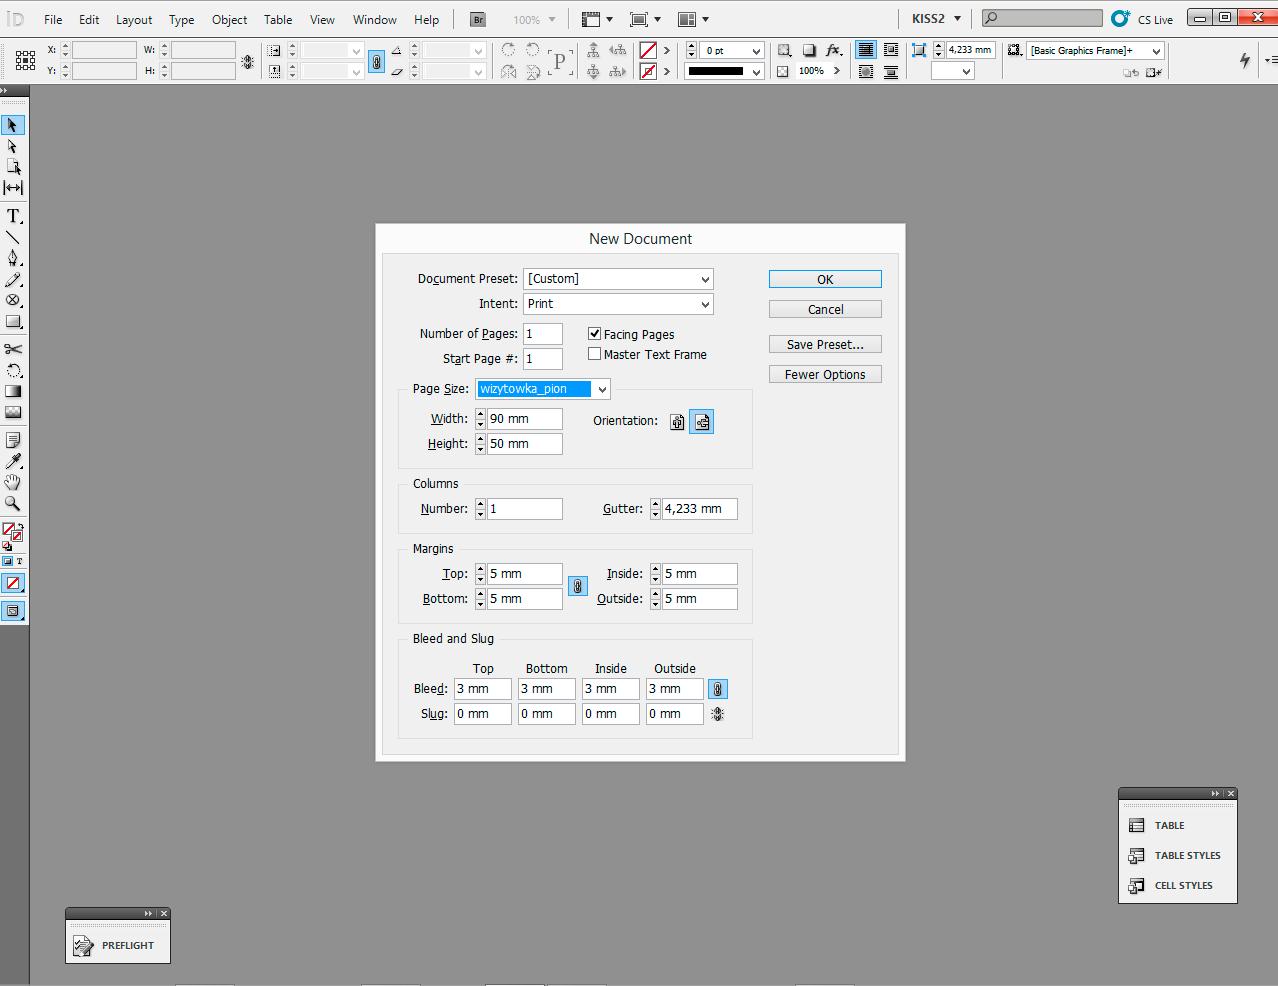 tworzenie dokumentu indesign